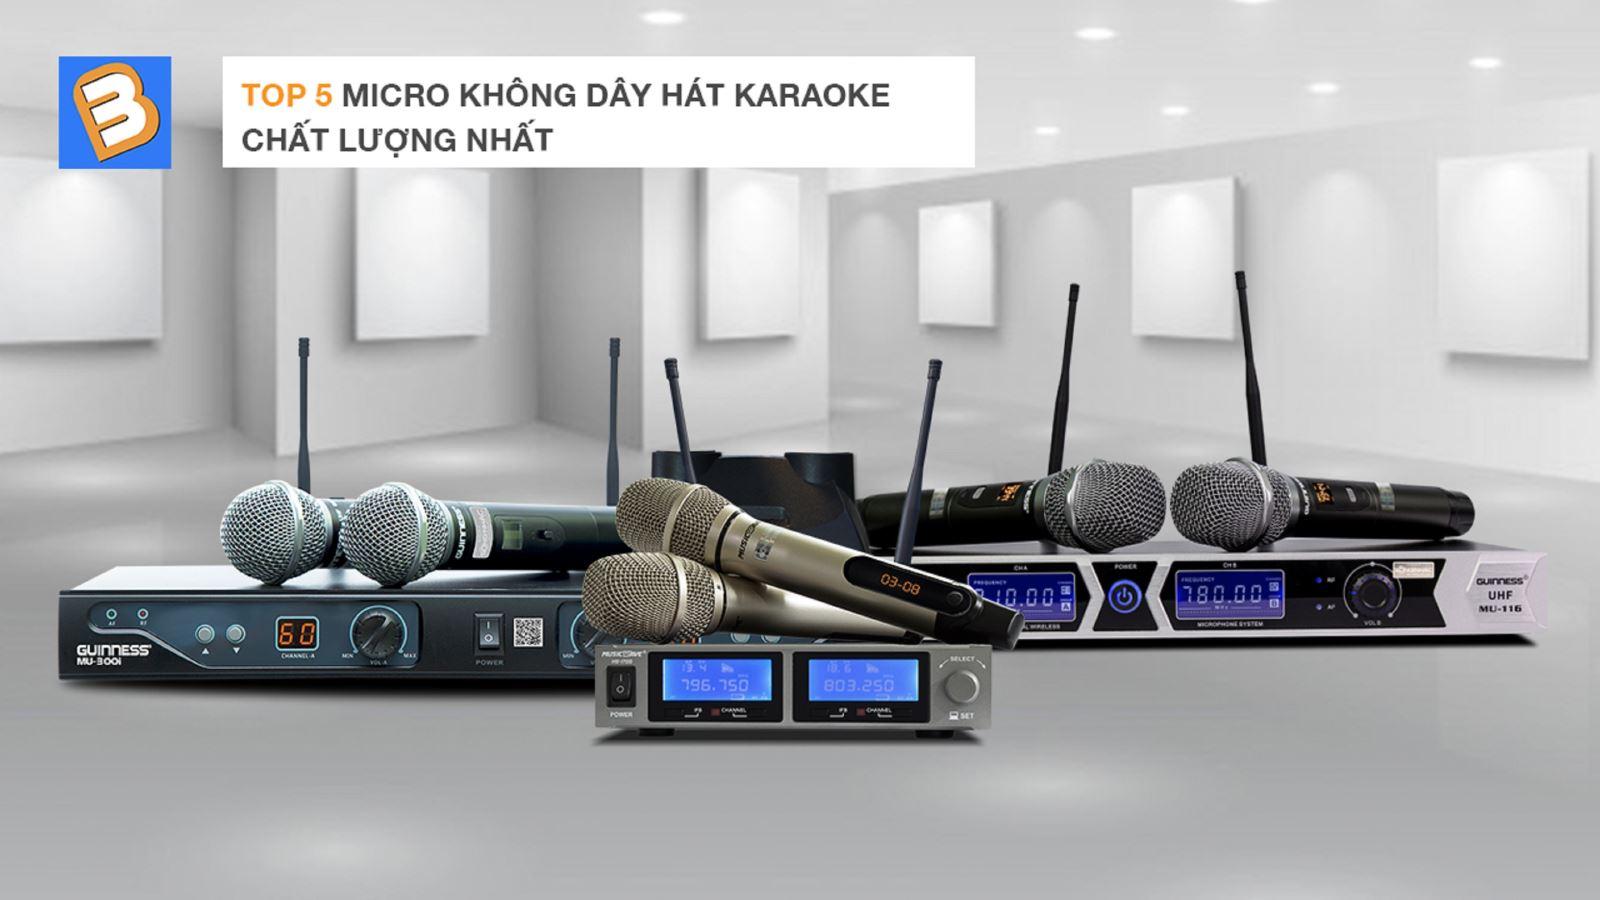 Top 5 micro không dây hát karaoke chất lượng nhất